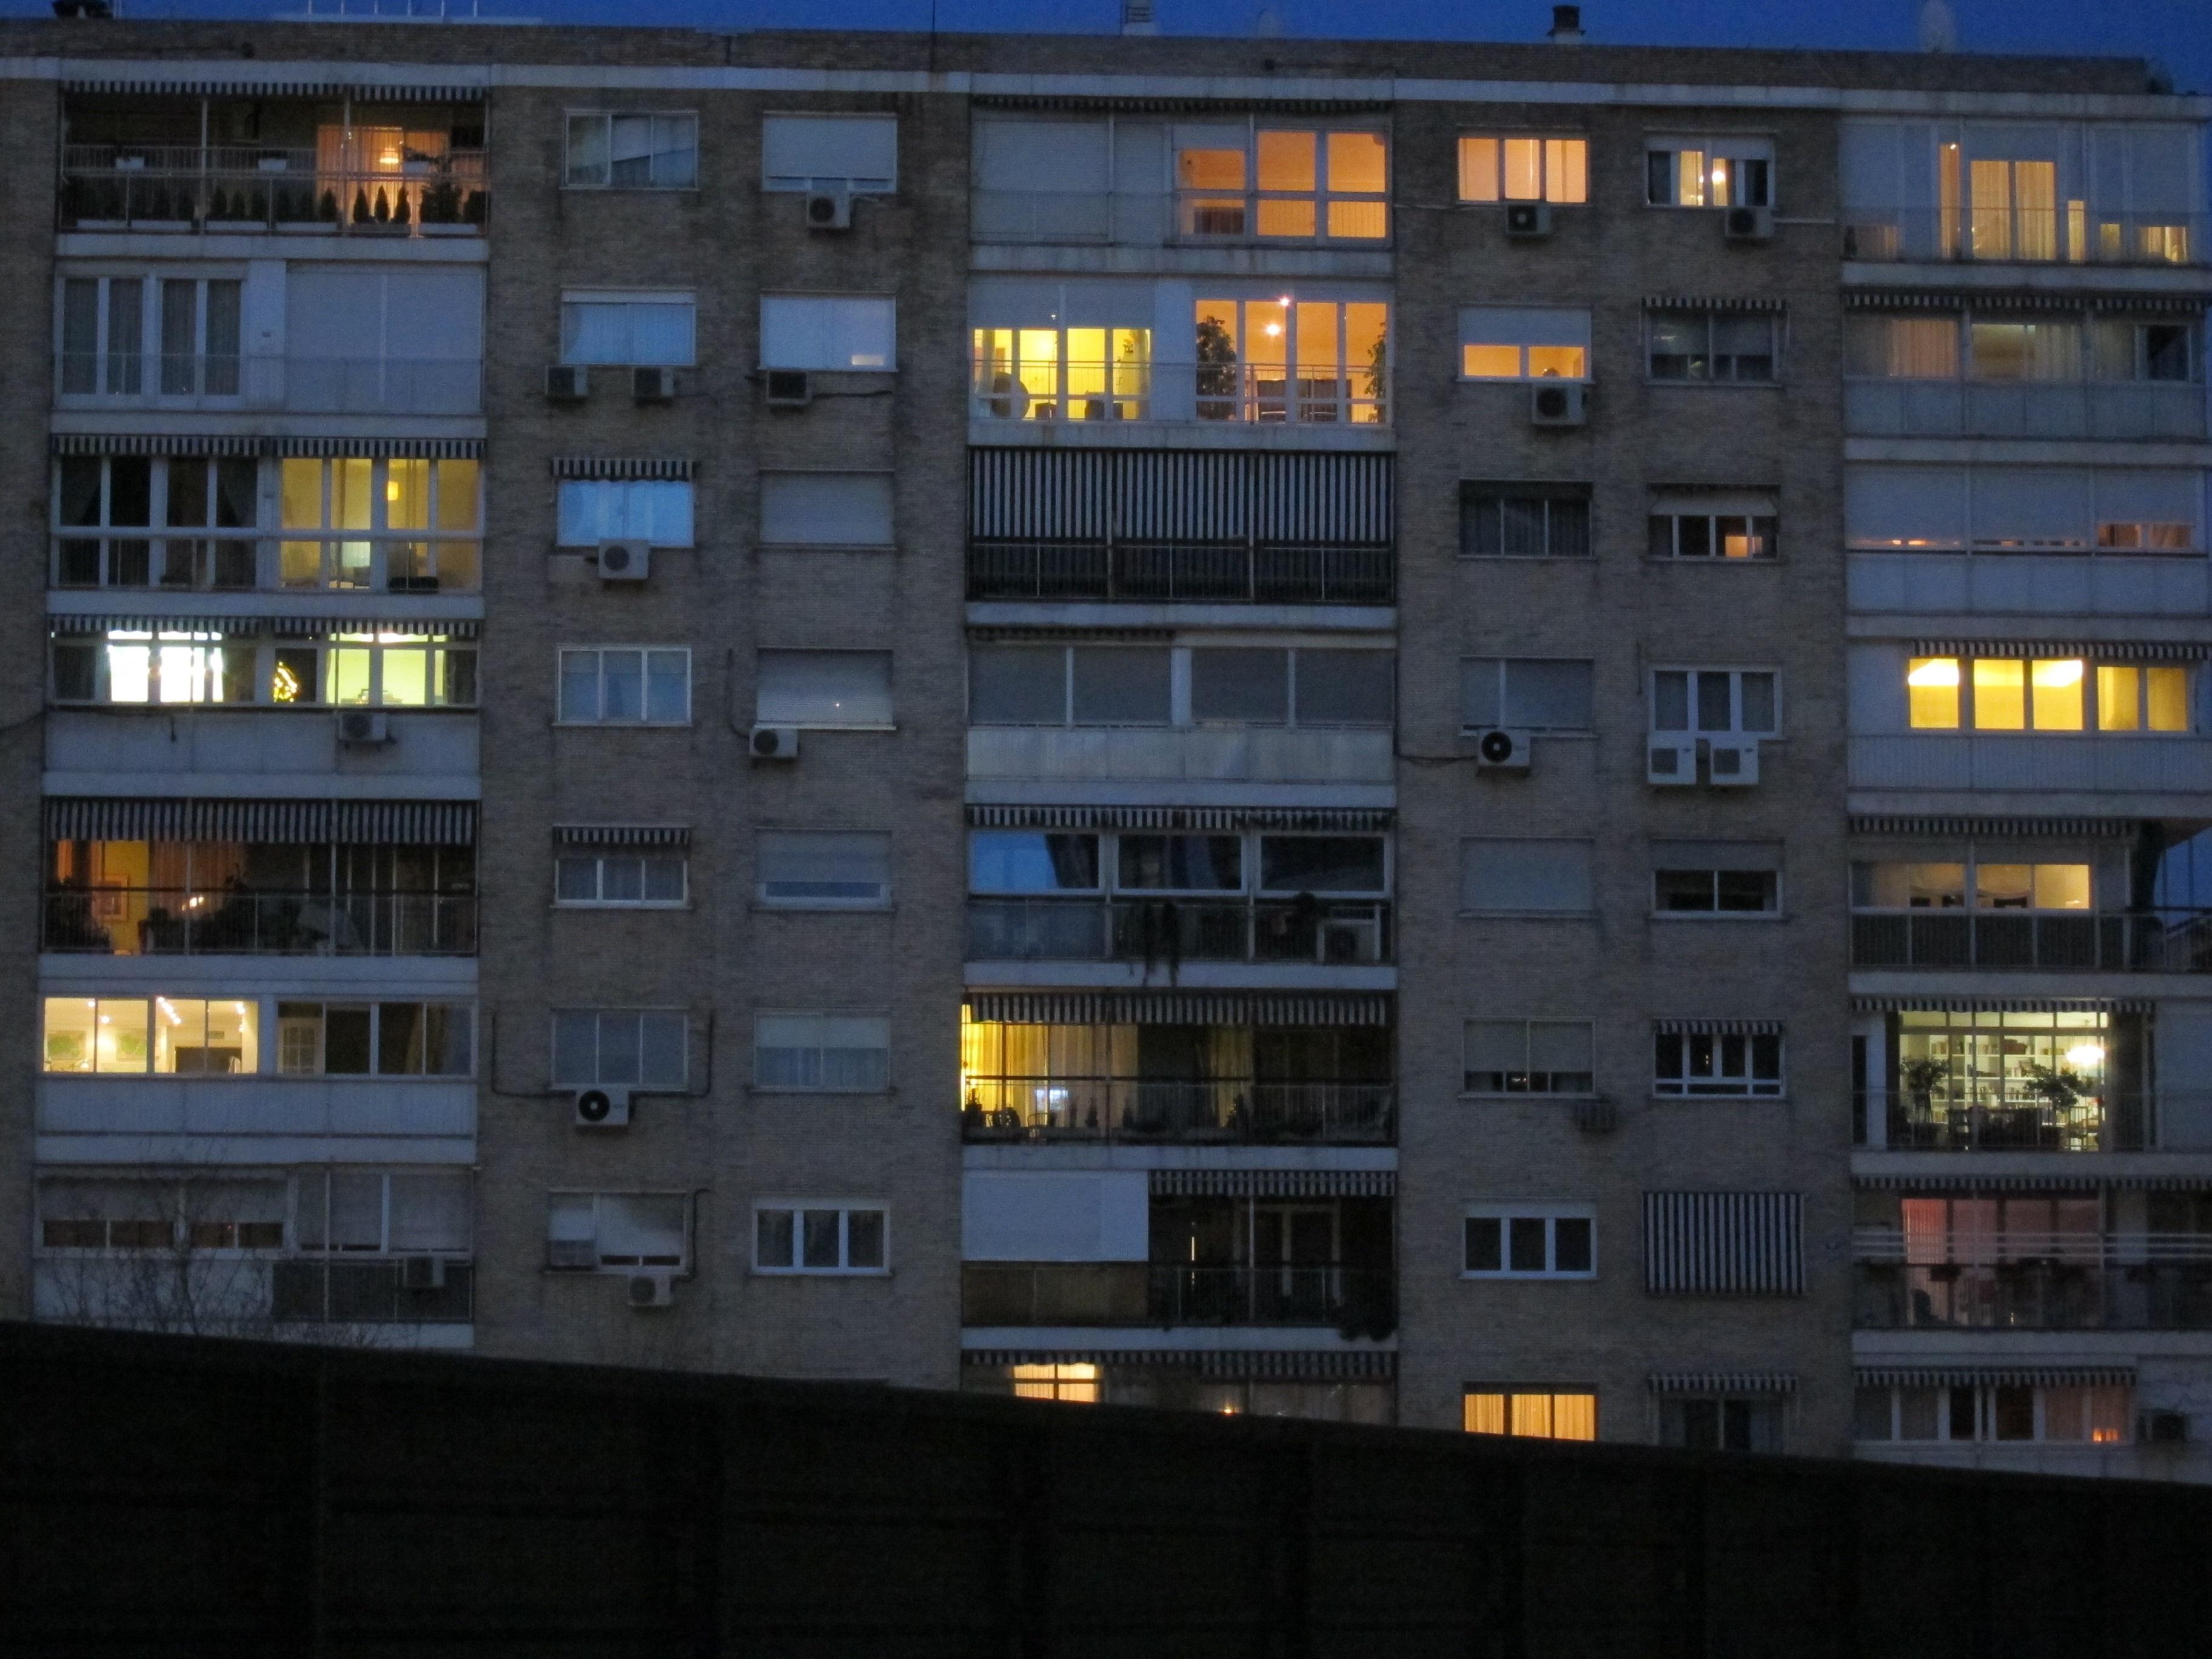 La luz subirá mañana un 1,2% para cerca de 22 millones de hogares